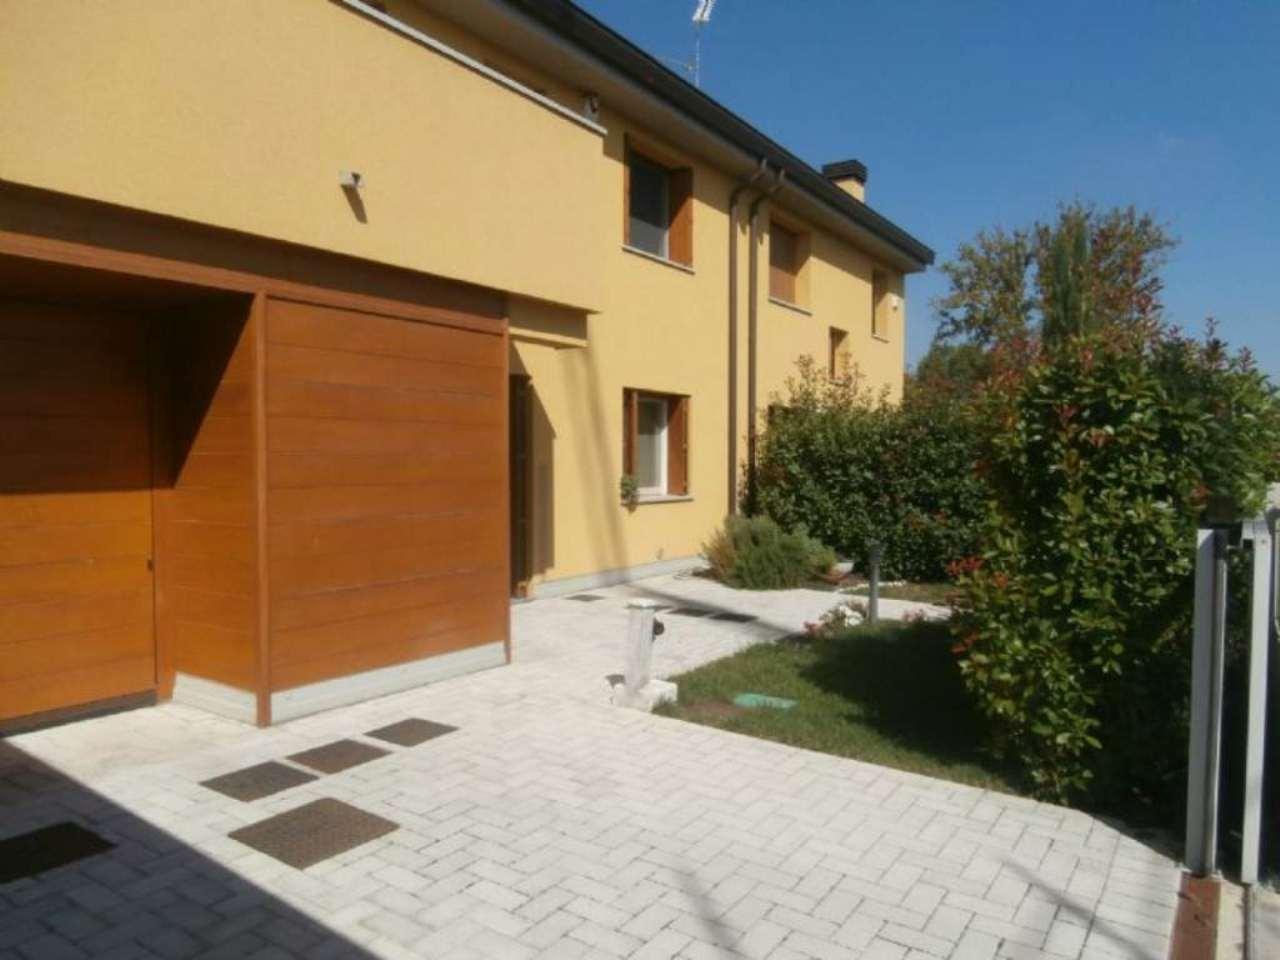 Villa in vendita a San Giovanni in Persiceto, 5 locali, prezzo € 268.000 | Cambio Casa.it